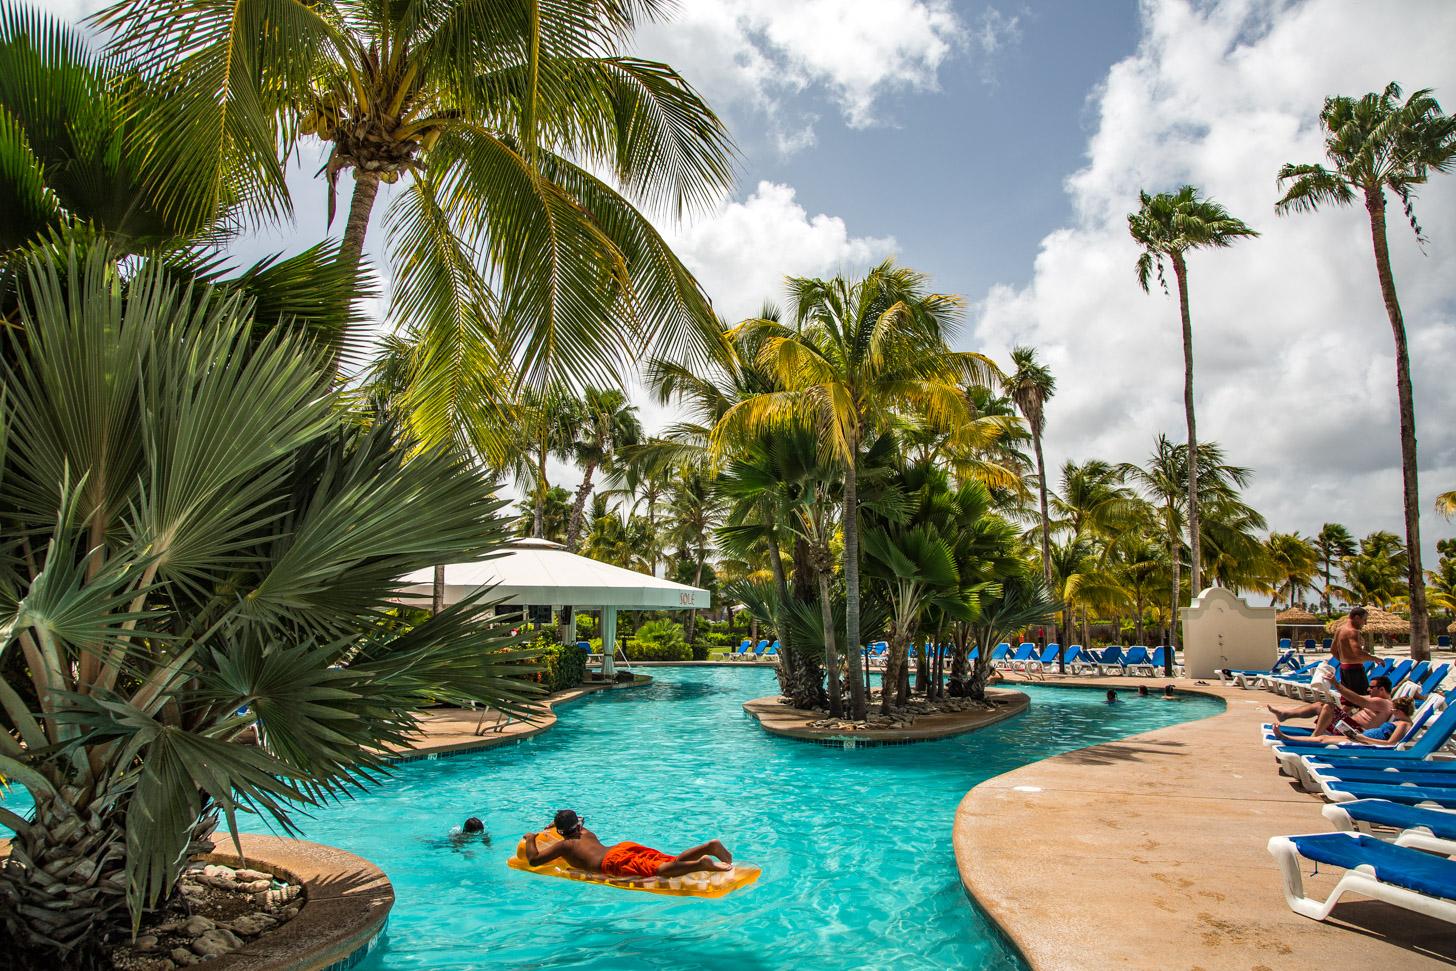 Op Aruba zijn heel veel leuke hotels te vinden waar je een prima vakantie kunt vieren!